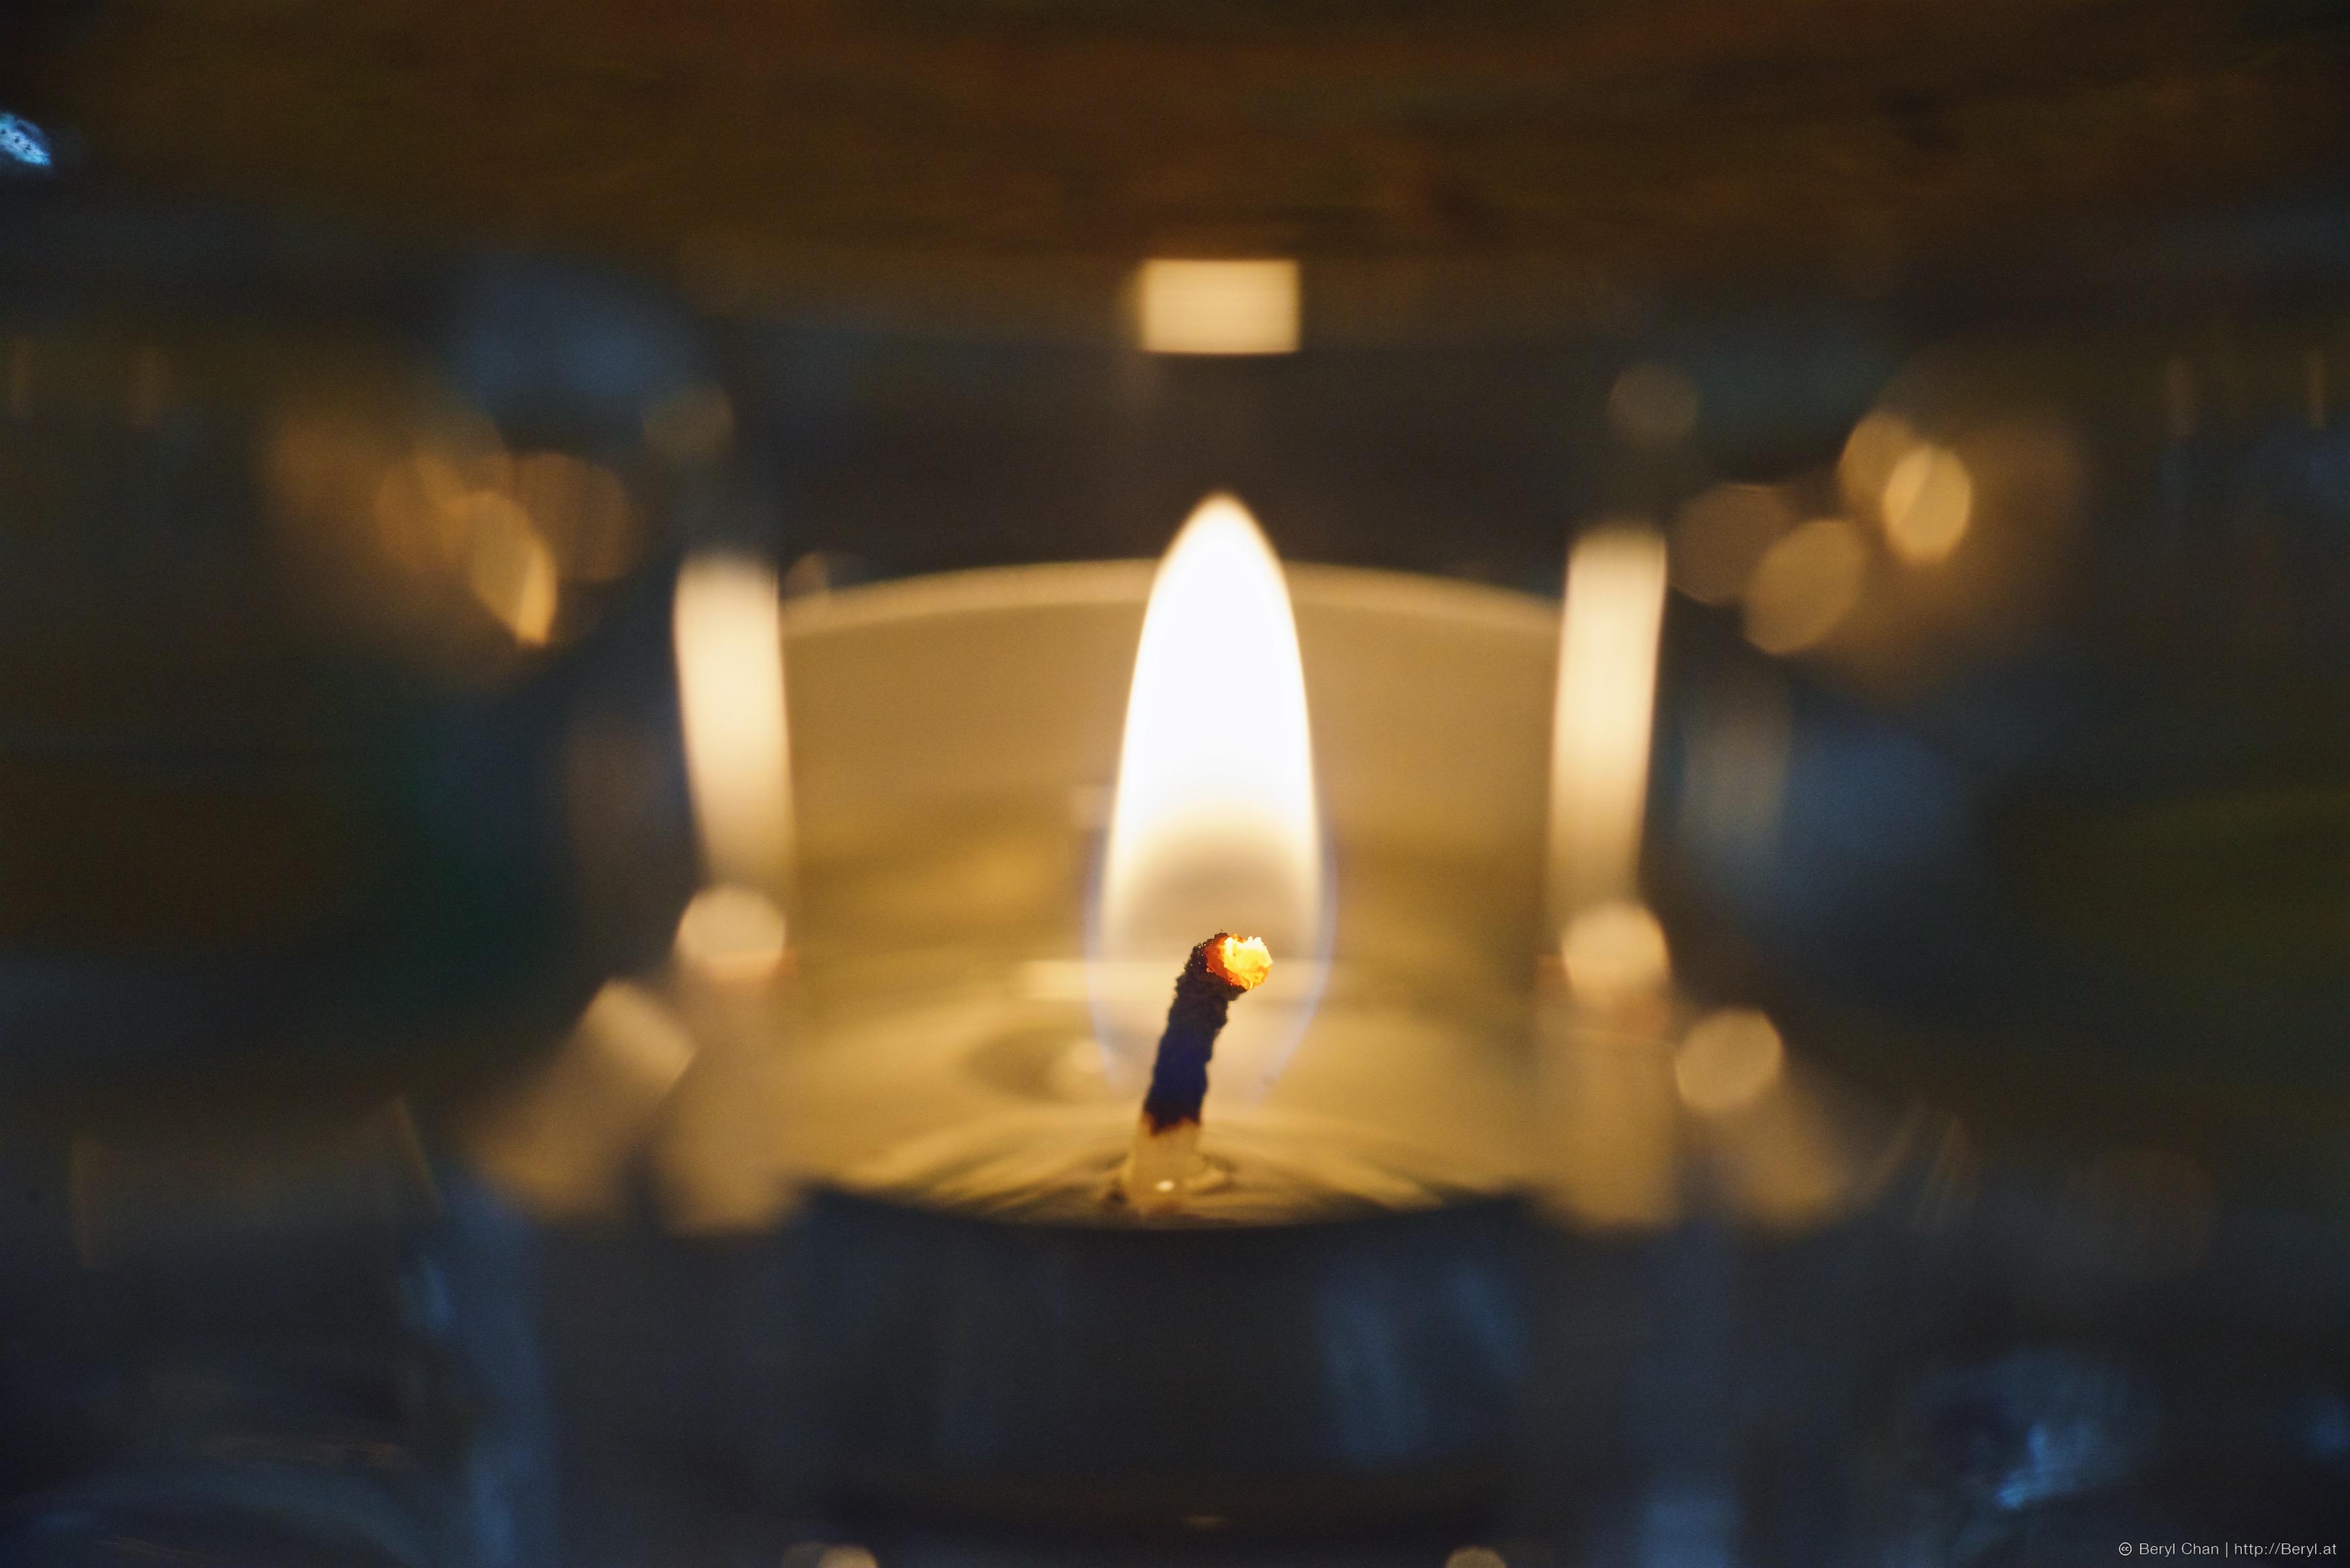 Gratis Afbeeldingen : licht, nacht, warm, dslr, gouden, reflectie ...